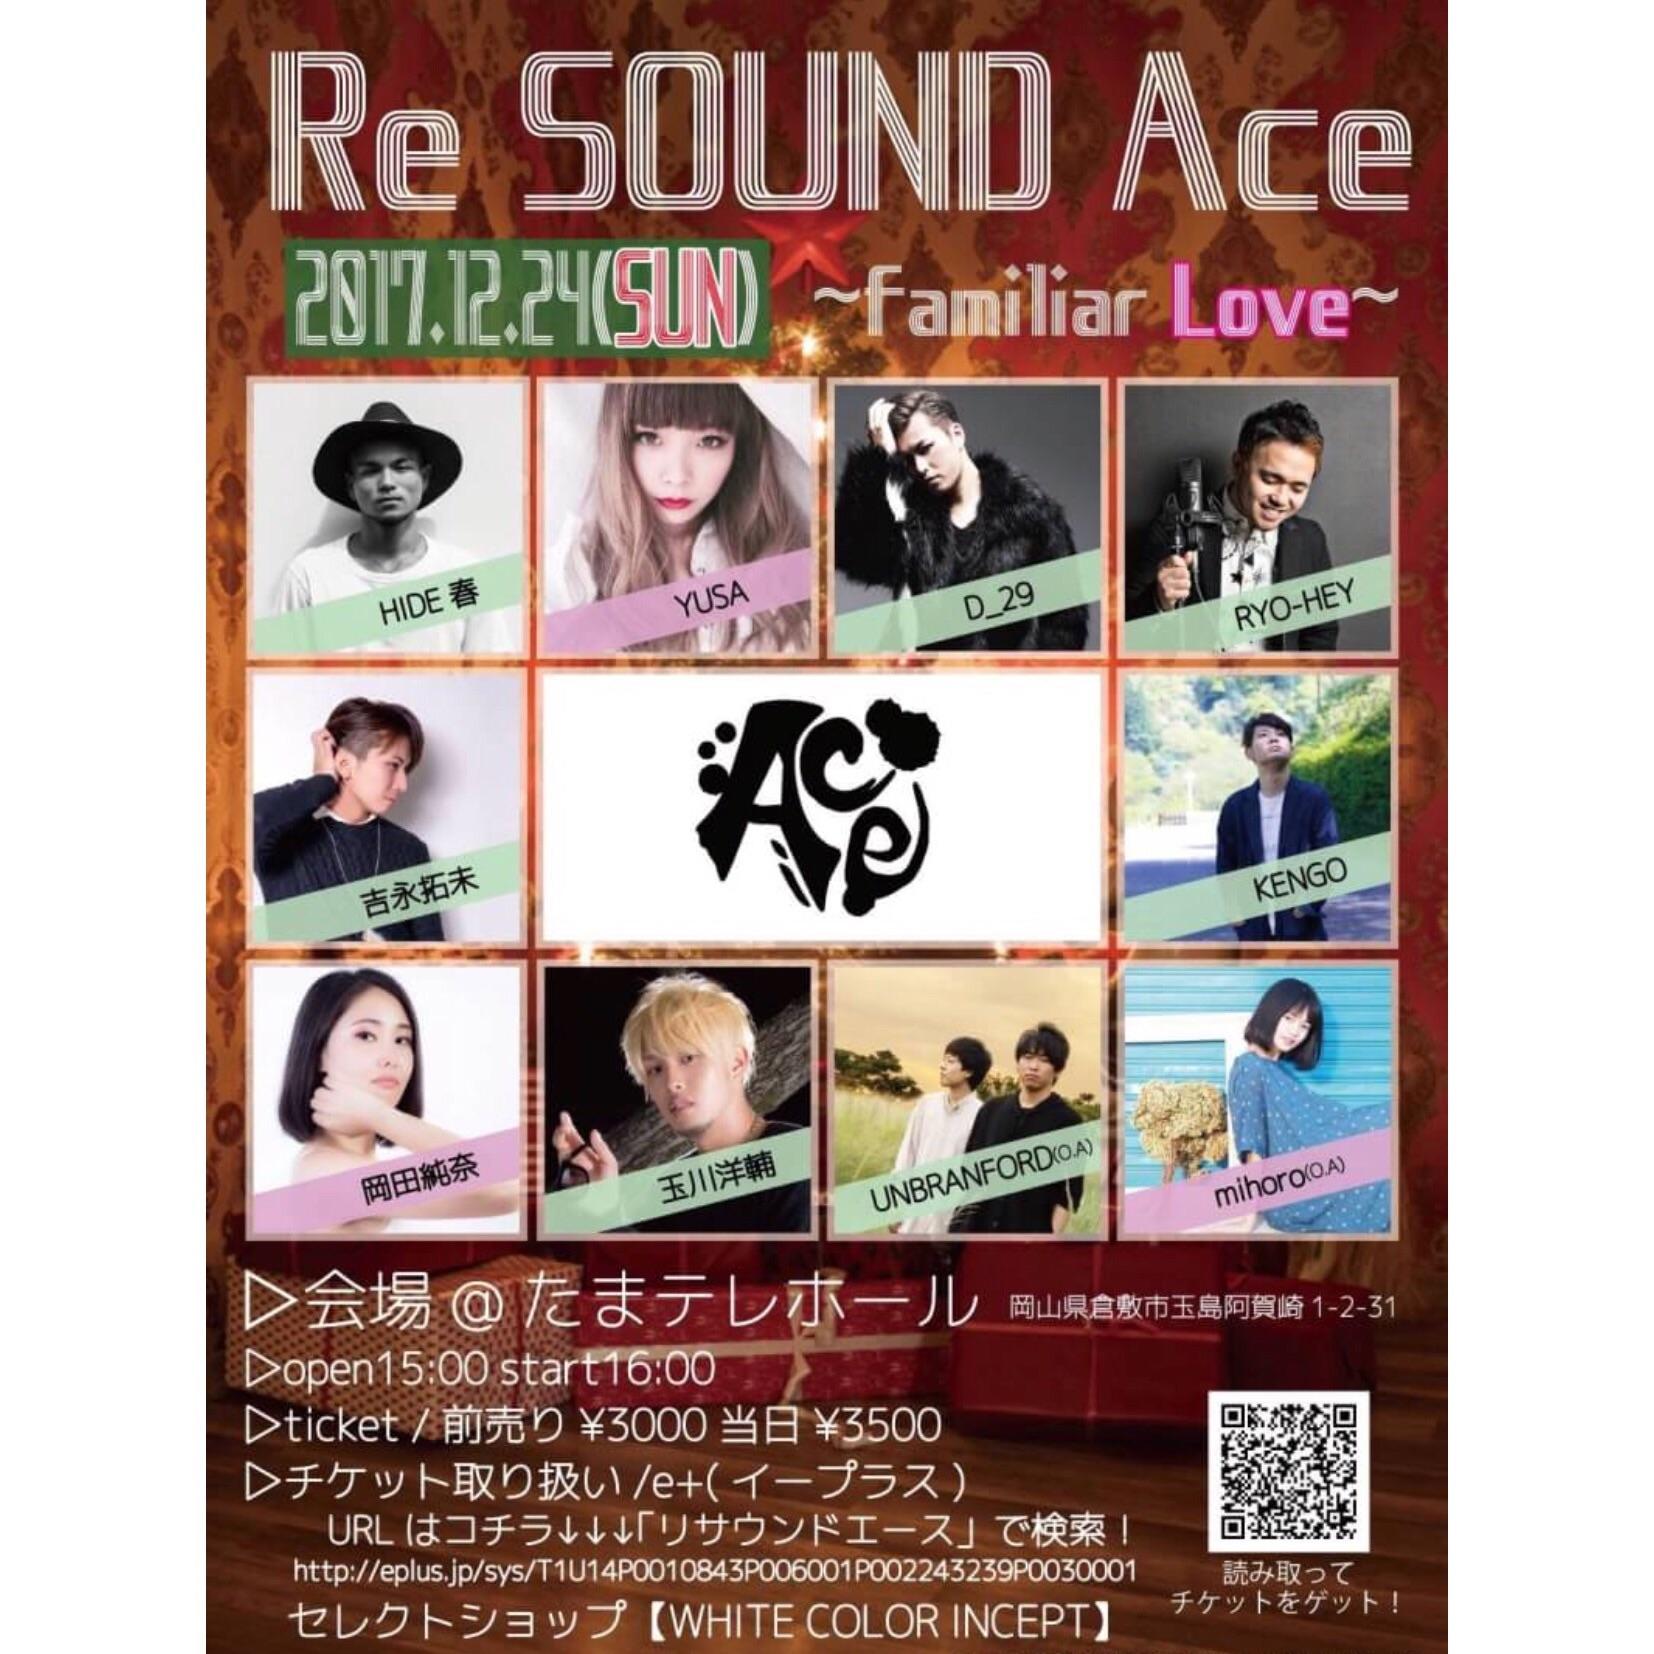 f:id:Yosuke0912:20171102185137j:image